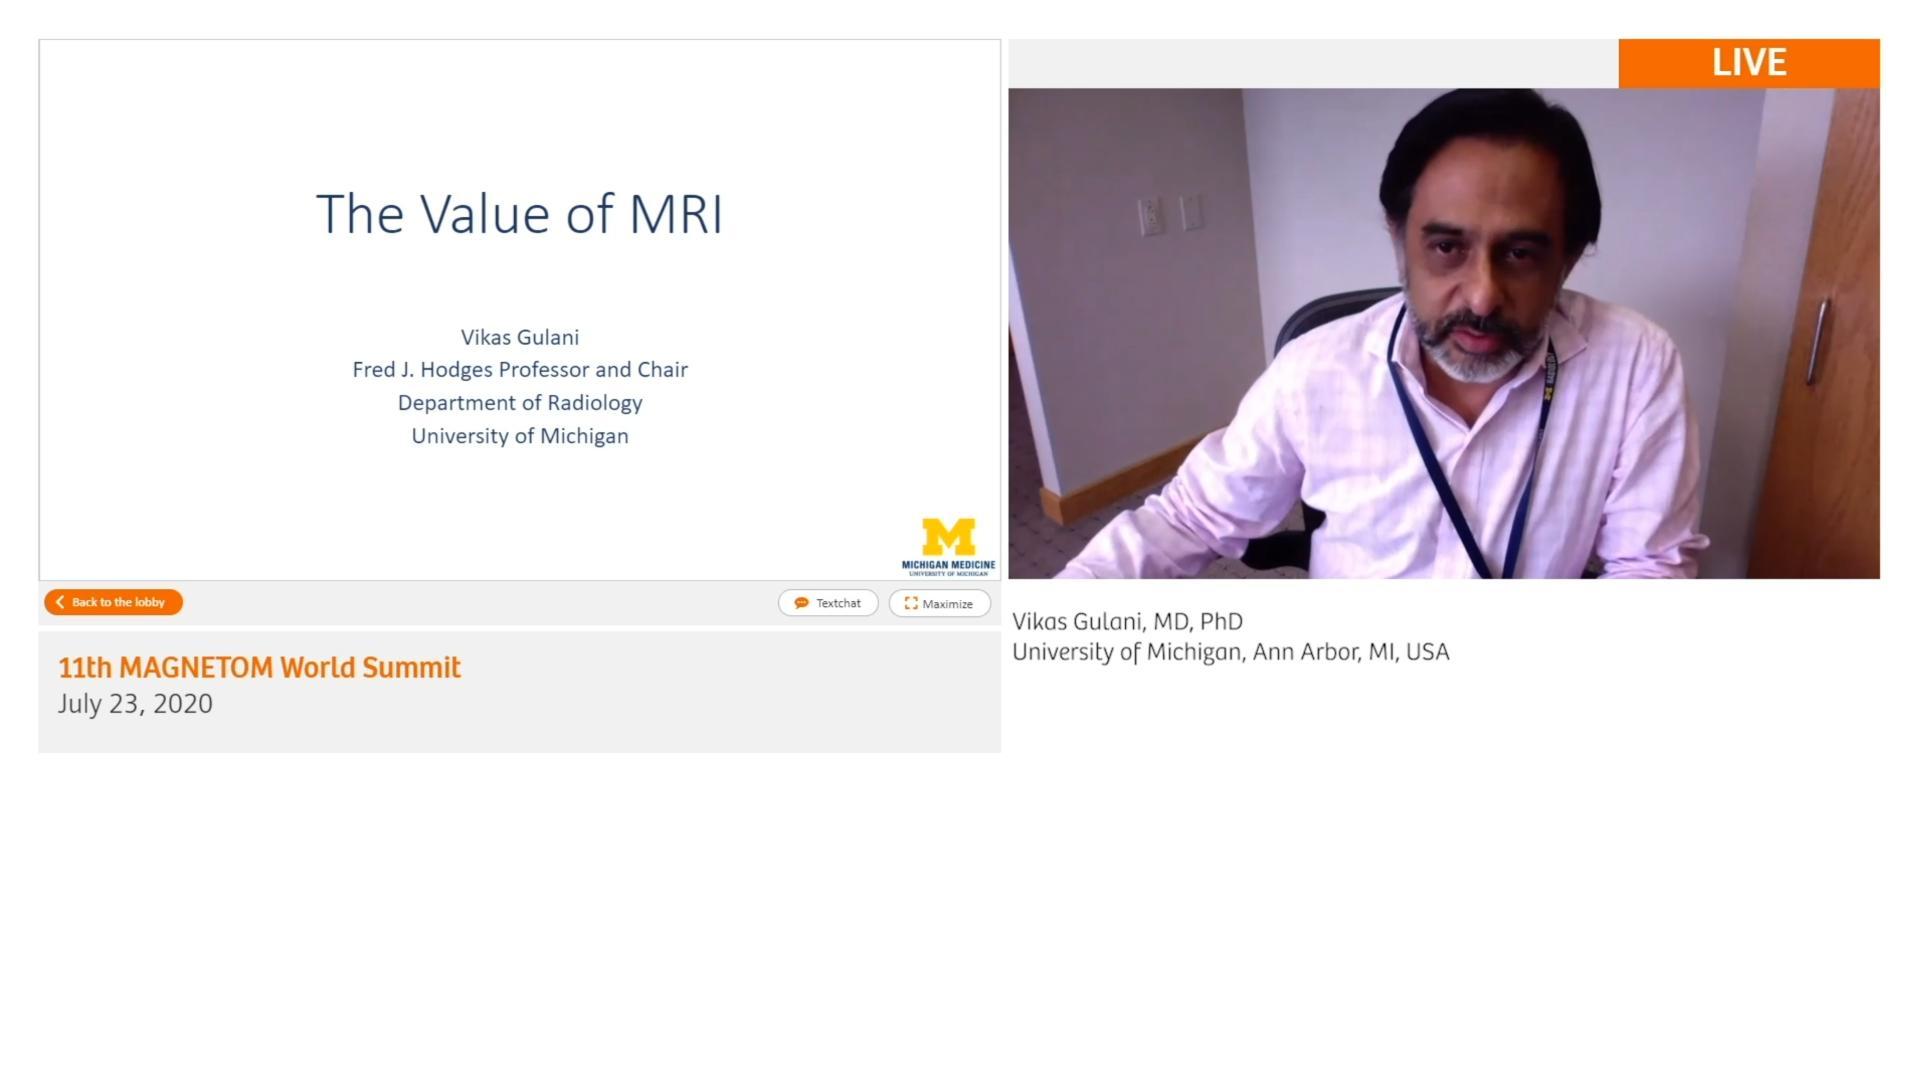 Preview Clinical Talk Vikas Gulani